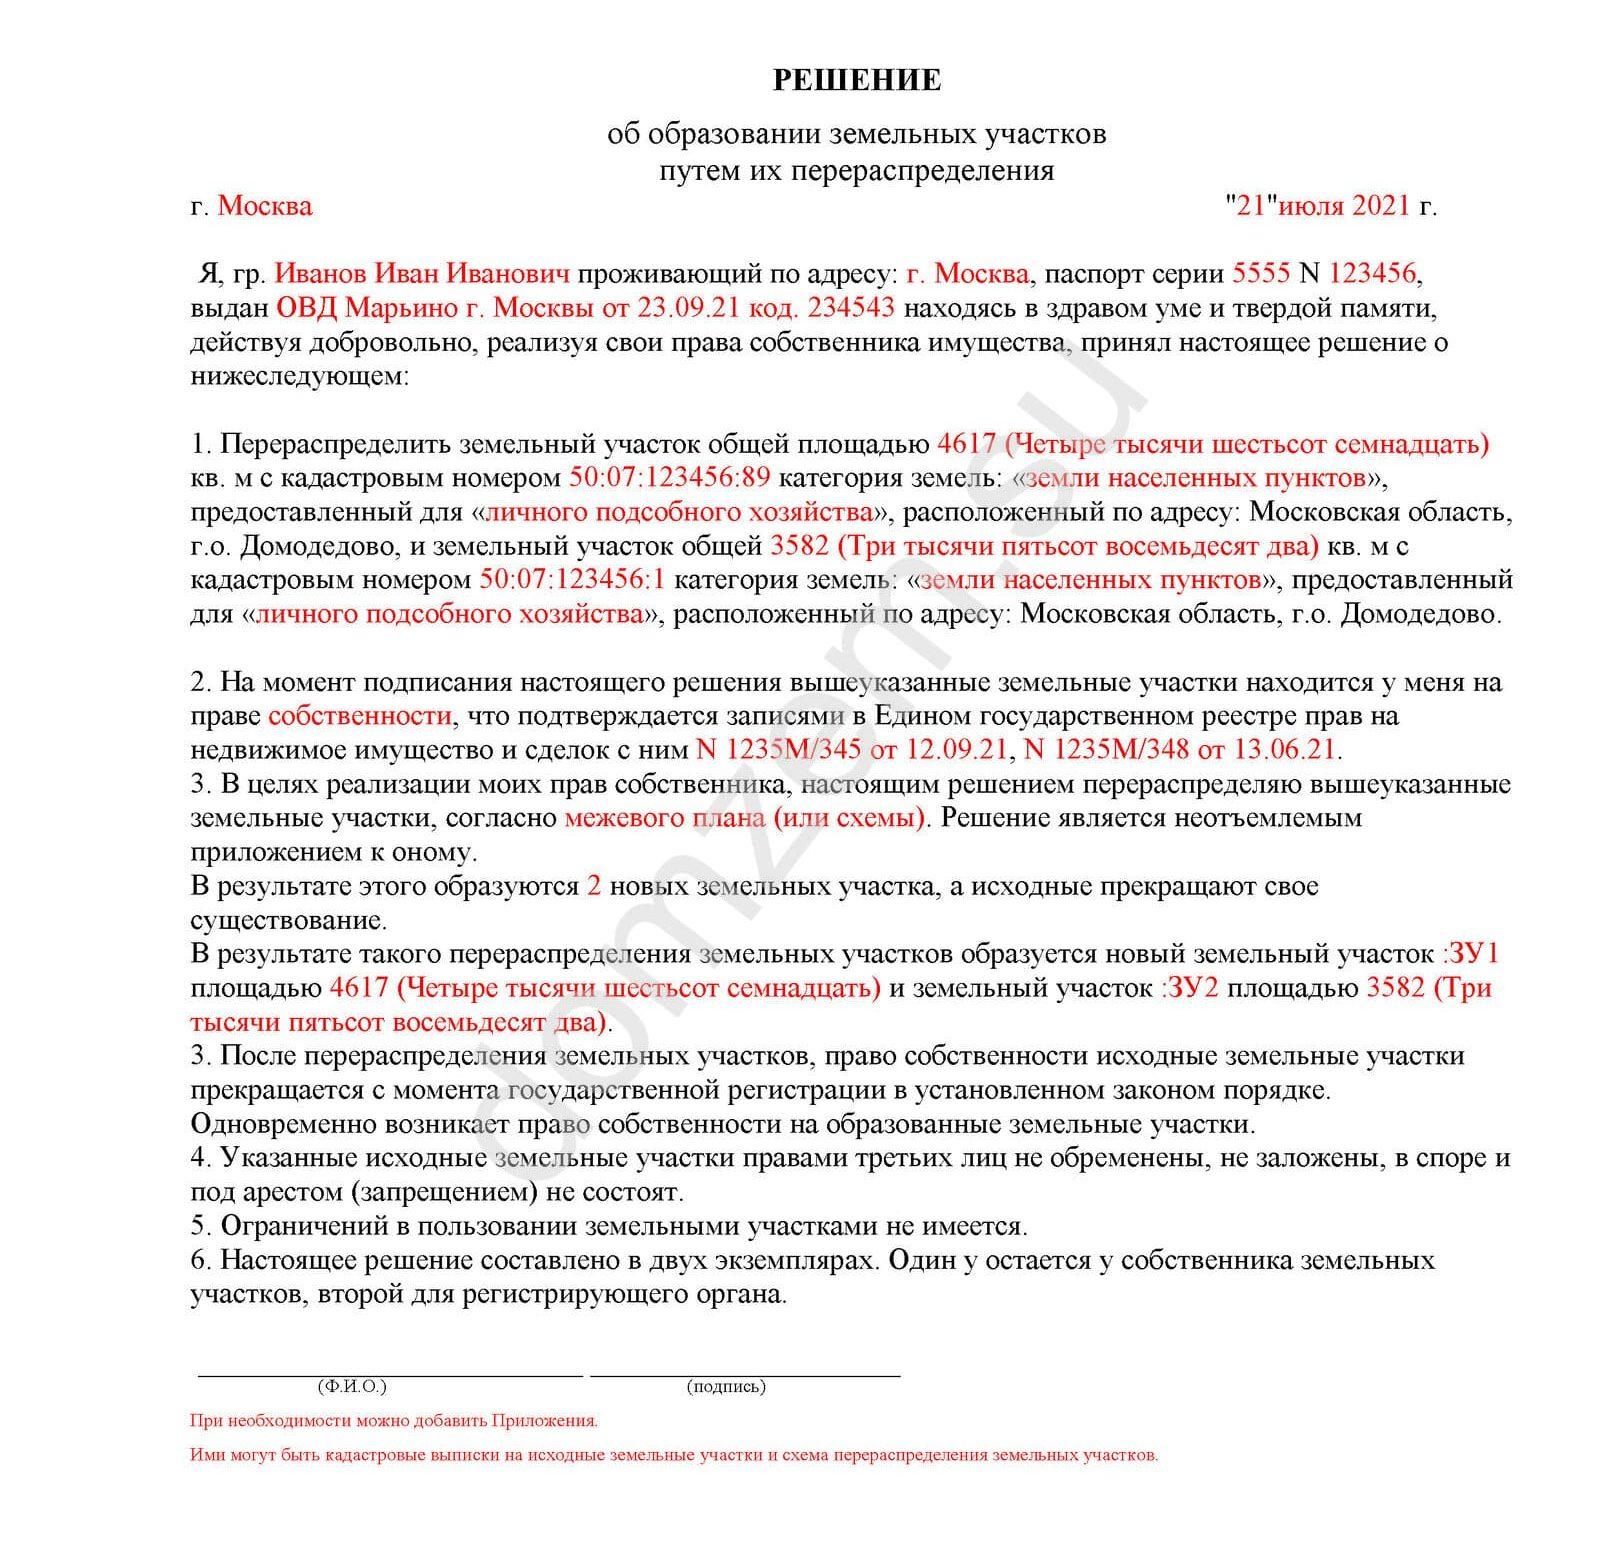 Решение об перераспределении земельных участков_ 1 собственник _образец заполнения